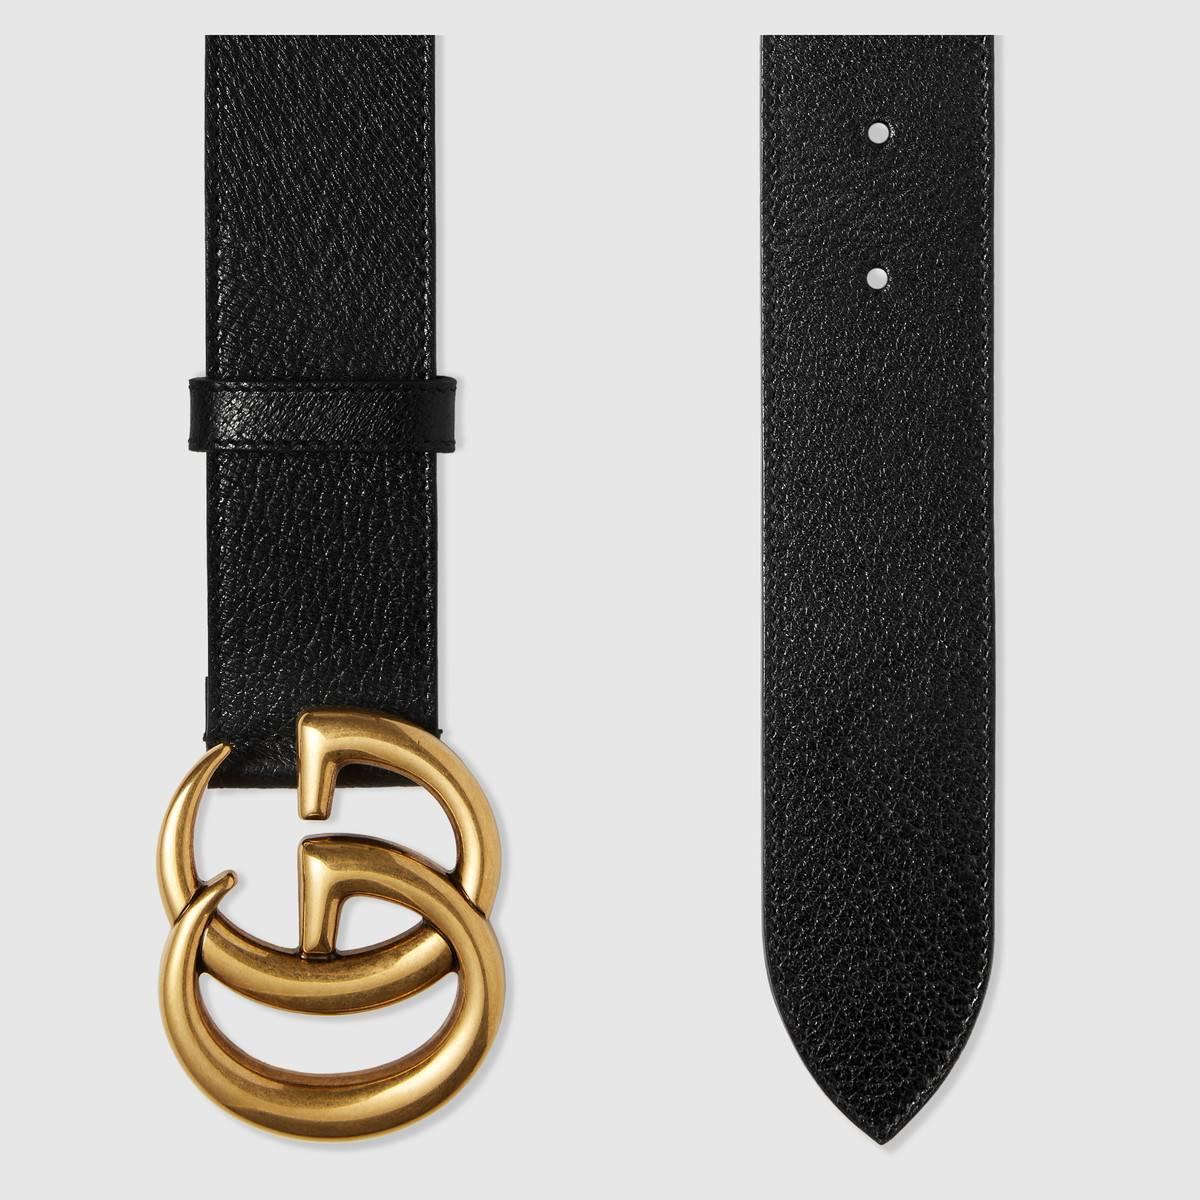 Thắt lưng Gucci thiết kế đơn giản, thuận tiện